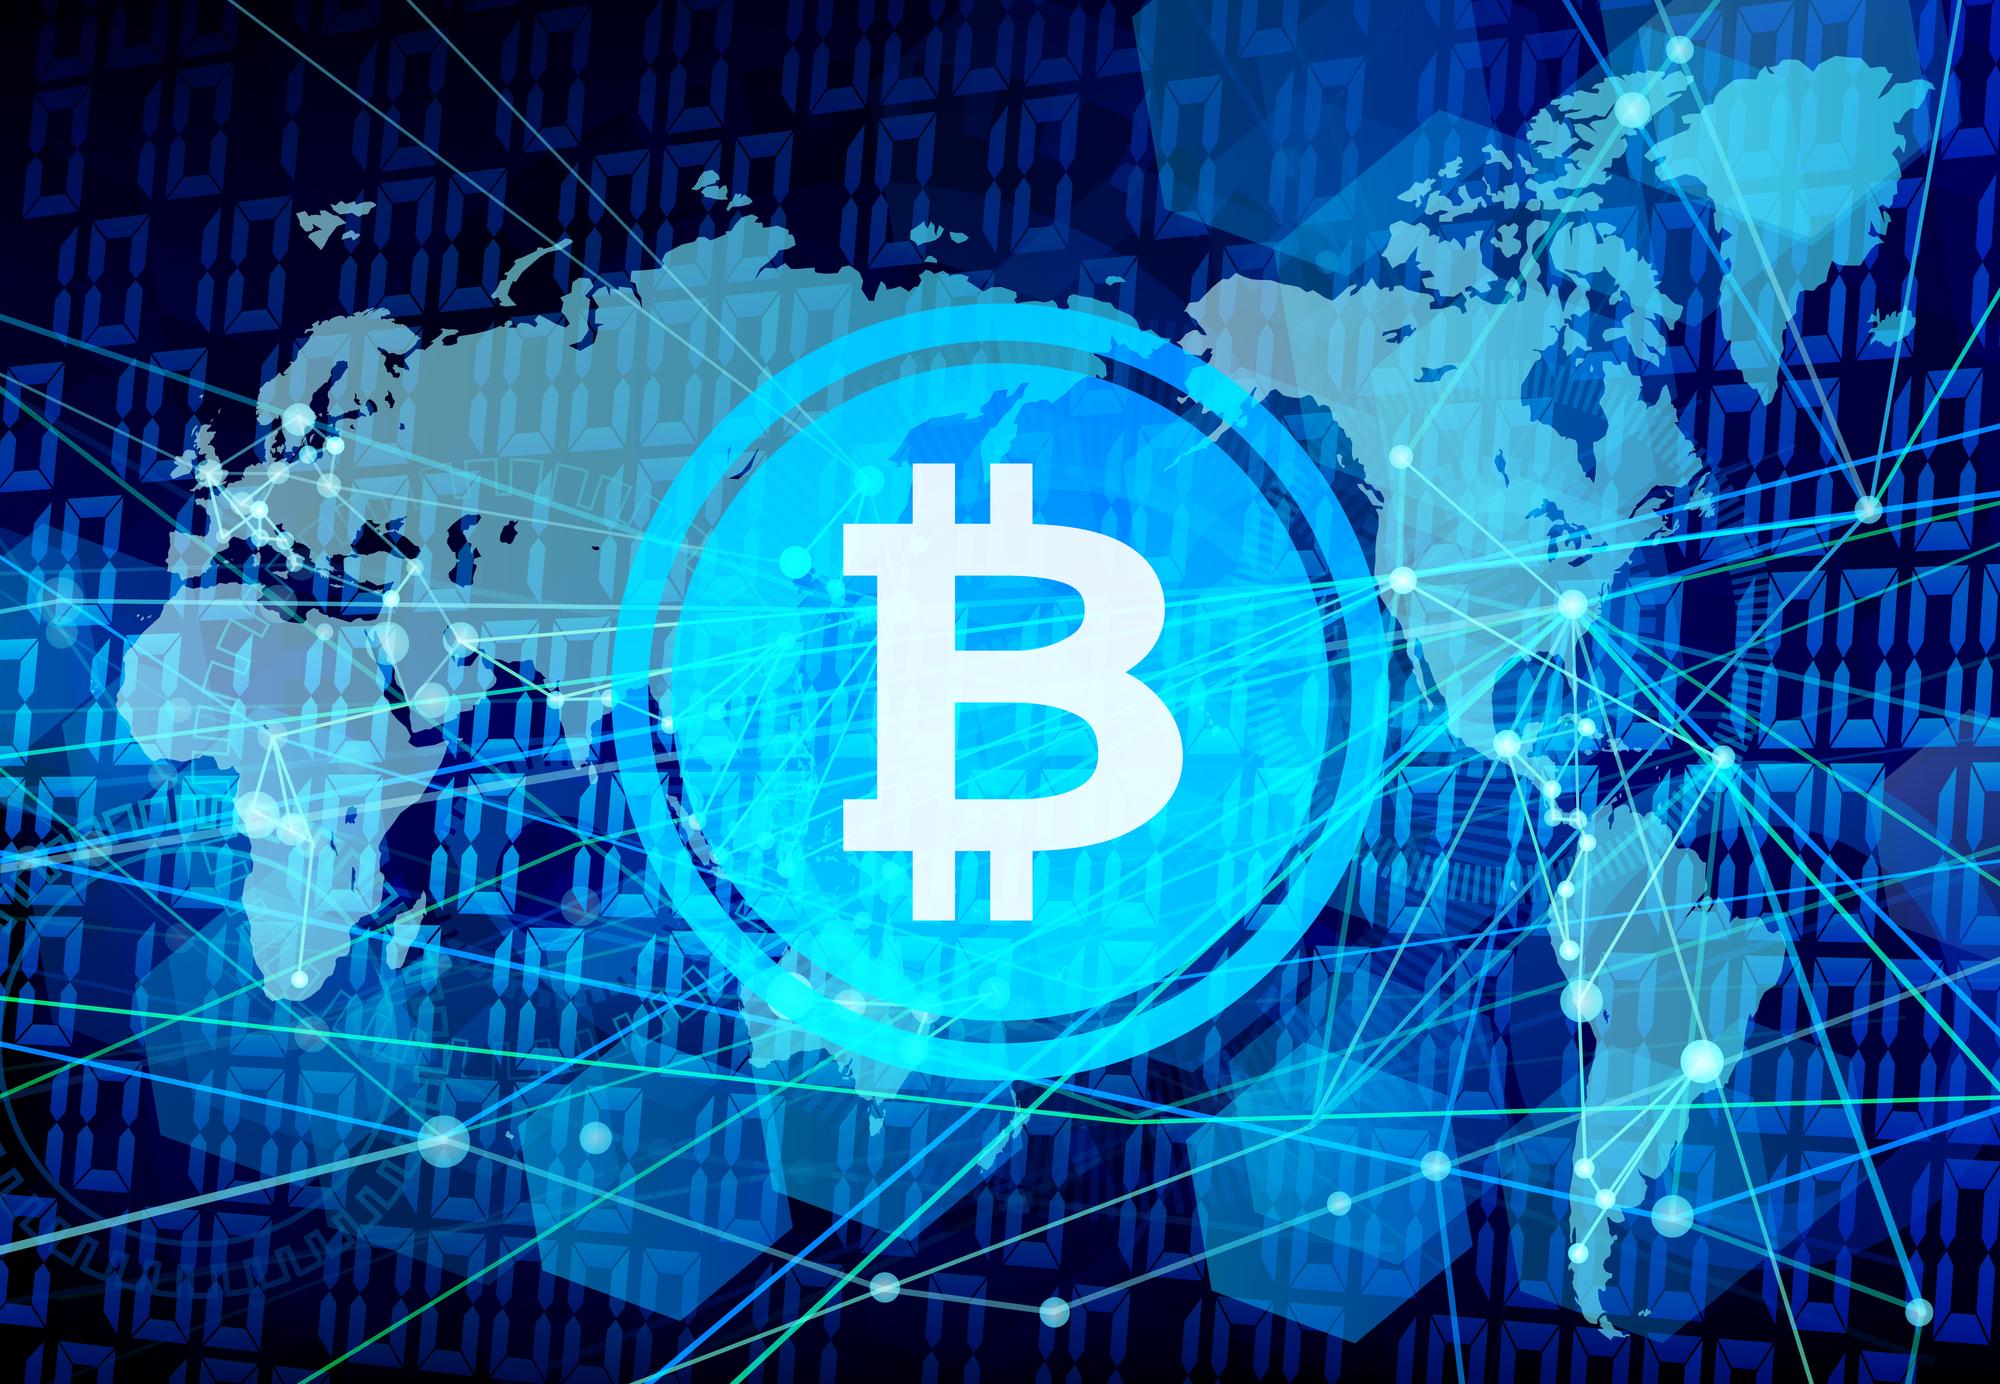 ビットコイン(Bitcoin)の取引量は?国別にみる取引量推移や日本が一位の理由